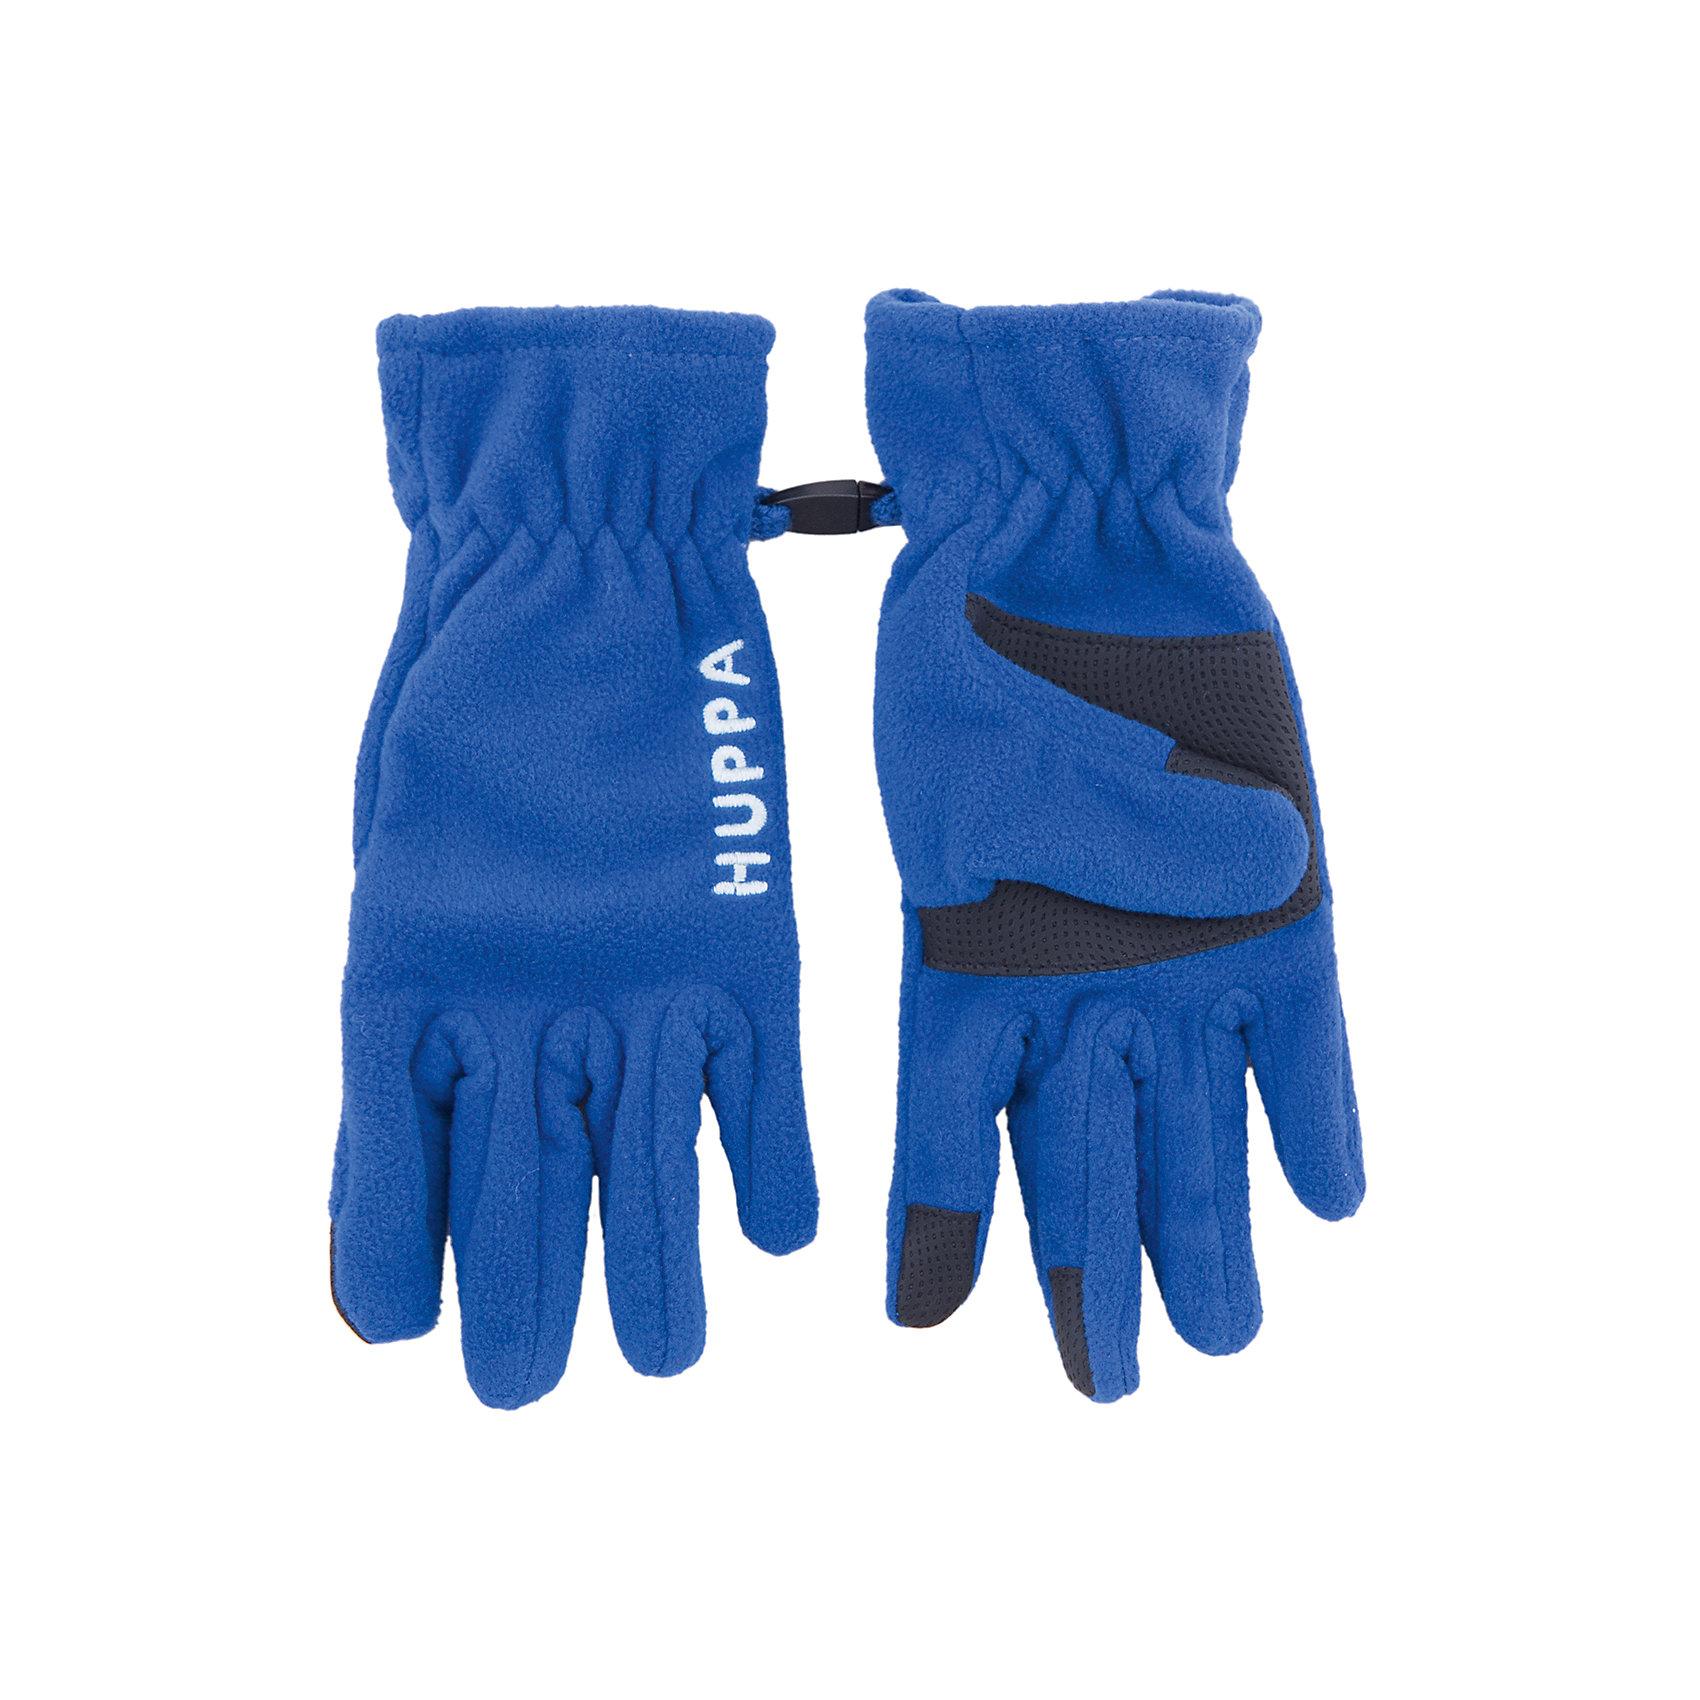 Перчатки AAMU HuppaХарактеристики товара:<br><br>• цвет: синий<br>• состав: 100% полиэстер (флис)<br>• температурный режим: от 0°С до +10°С<br>• усиленные пальцы и ладони<br>• мягкий материал<br>• логотип<br>• комфортная посадка<br>• страна бренда: Эстония<br><br>Эти перчатки обеспечат детям тепло и комфорт в межсезонье. Они сделаны из мягкого приятного на ощупь материала, поэтому изделие идеально подходит для межсезонья. Перчатки очень симпатично смотрятся. Модель была разработана специально для детей.<br><br>Одежда и обувь от популярного эстонского бренда Huppa - отличный вариант одеть ребенка можно и комфортно. Вещи, выпускаемые компанией, качественные, продуманные и очень удобные. Для производства изделий используются только безопасные для детей материалы. Продукция от Huppa порадует и детей, и их родителей!<br><br>Перчатки AAMU от бренда Huppa (Хуппа) можно купить в нашем интернет-магазине.<br><br>Ширина мм: 162<br>Глубина мм: 171<br>Высота мм: 55<br>Вес г: 119<br>Цвет: синий<br>Возраст от месяцев: 120<br>Возраст до месяцев: 132<br>Пол: Мужской<br>Возраст: Детский<br>Размер: 5,3,4<br>SKU: 5348034